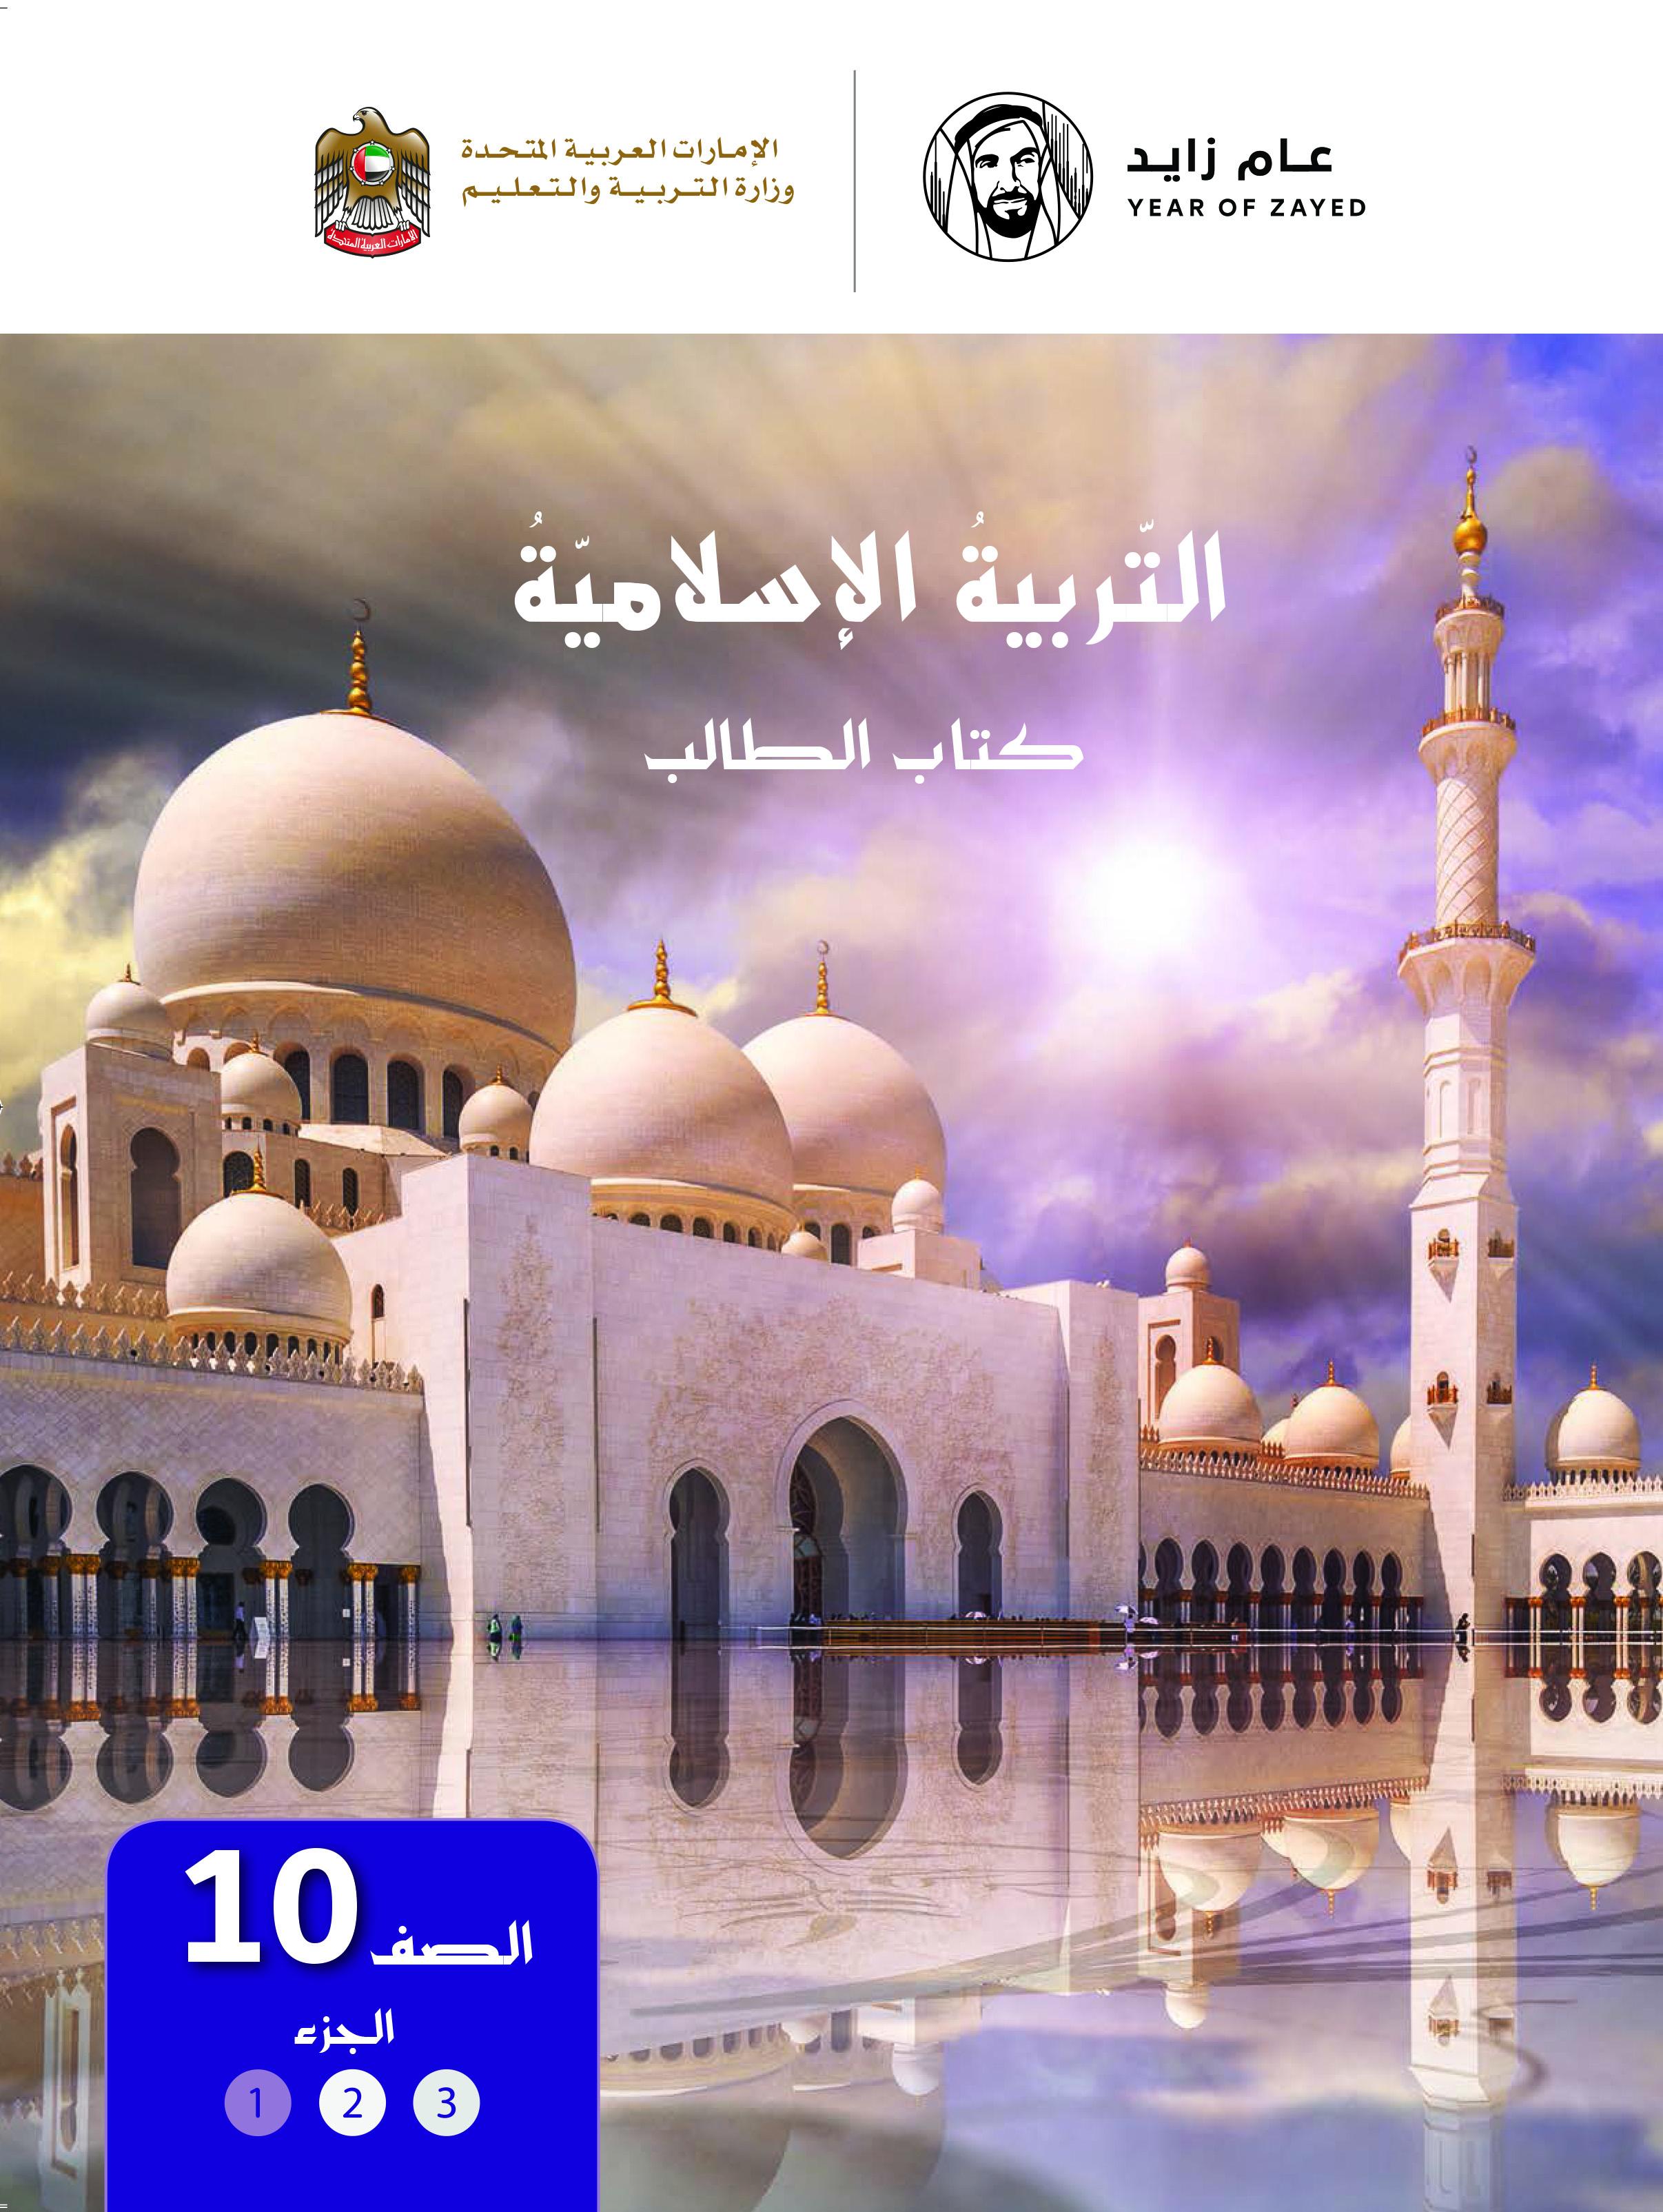 التربية الإسلامية - كتاب الطالب - الصف العاشر - الجزء الأول